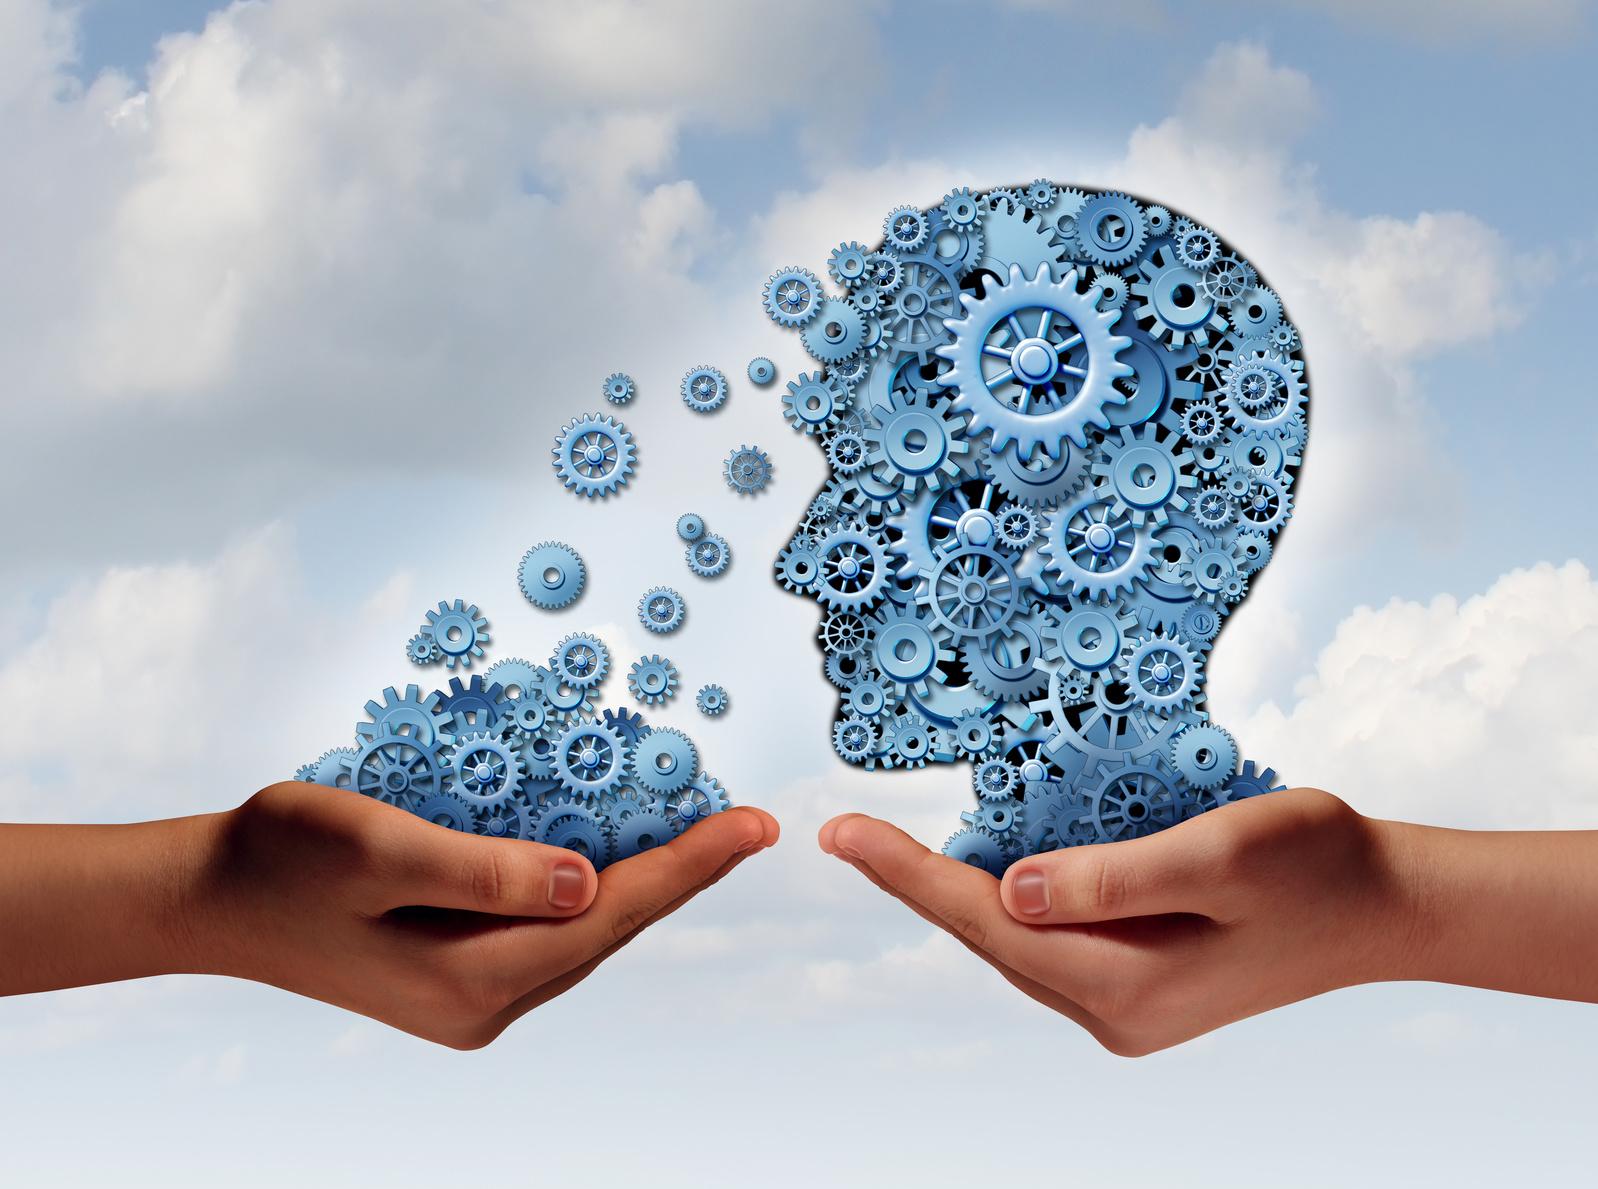 Zahnräder die sich von einem Kopf in eine Hand bewegen als Symbol für den Wissenstransfer bei einer Beratung zu einem Qualitätsmanagementsystem und der ISO 9001 Zertifizierung